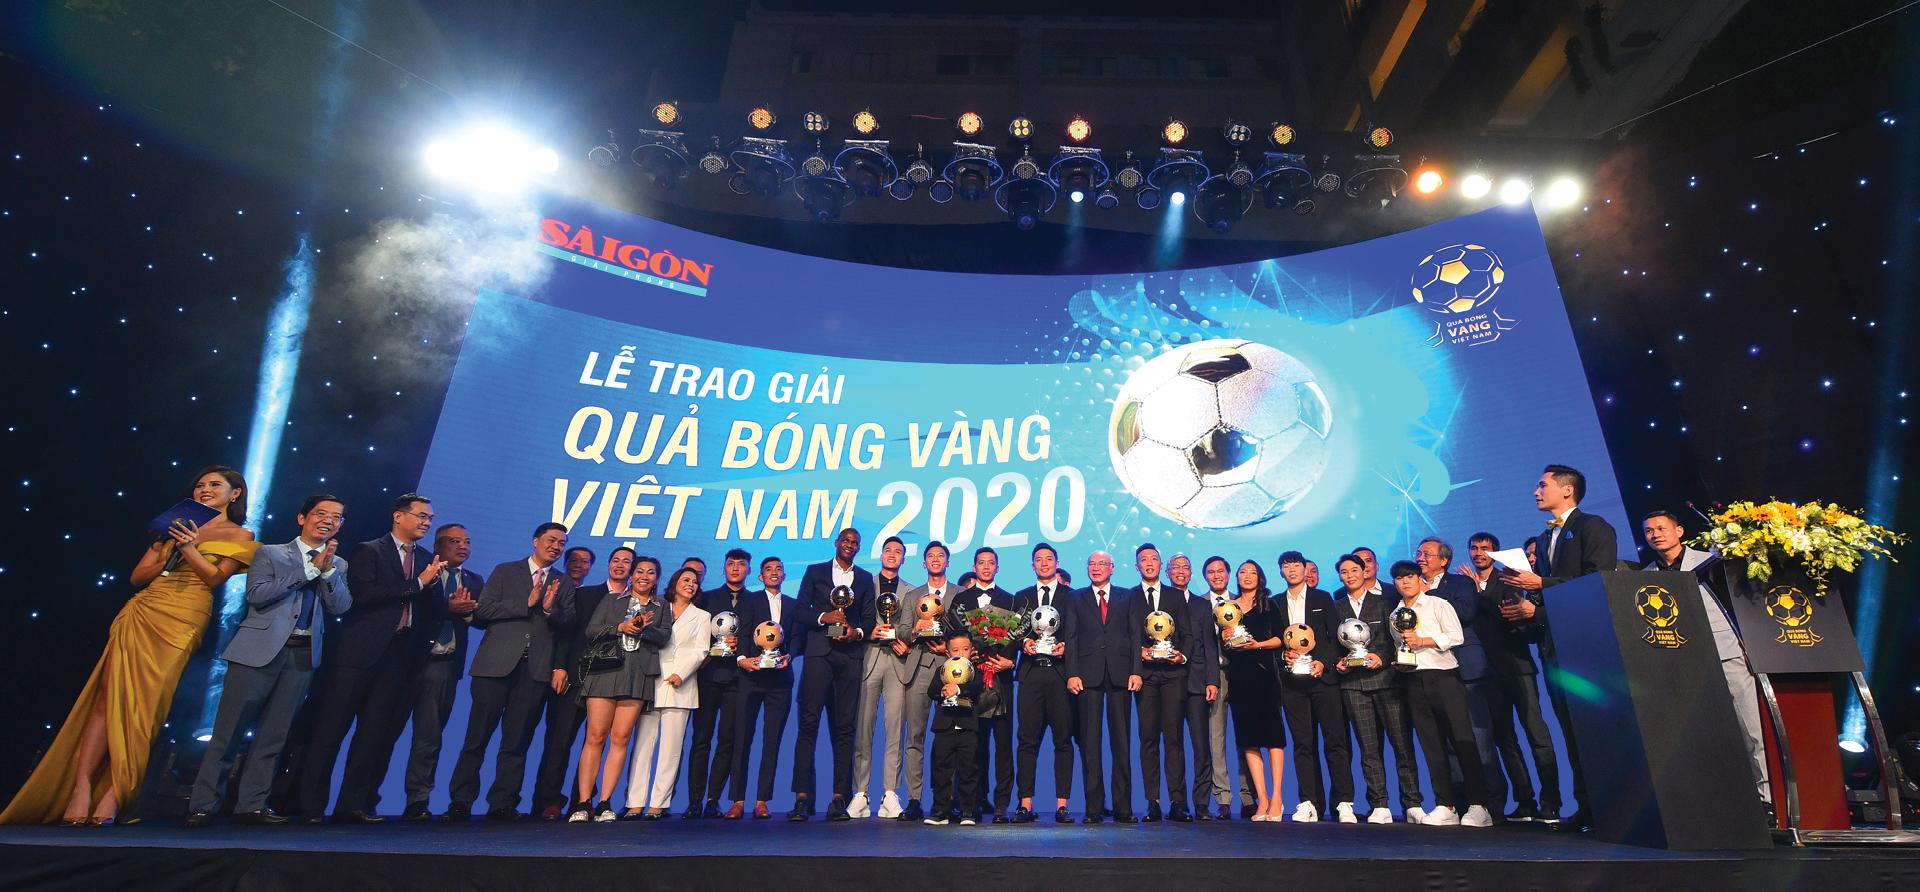 Quả bóng vàng Việt Nam 2020 - Thương hiệu và cảm xúc ảnh 15